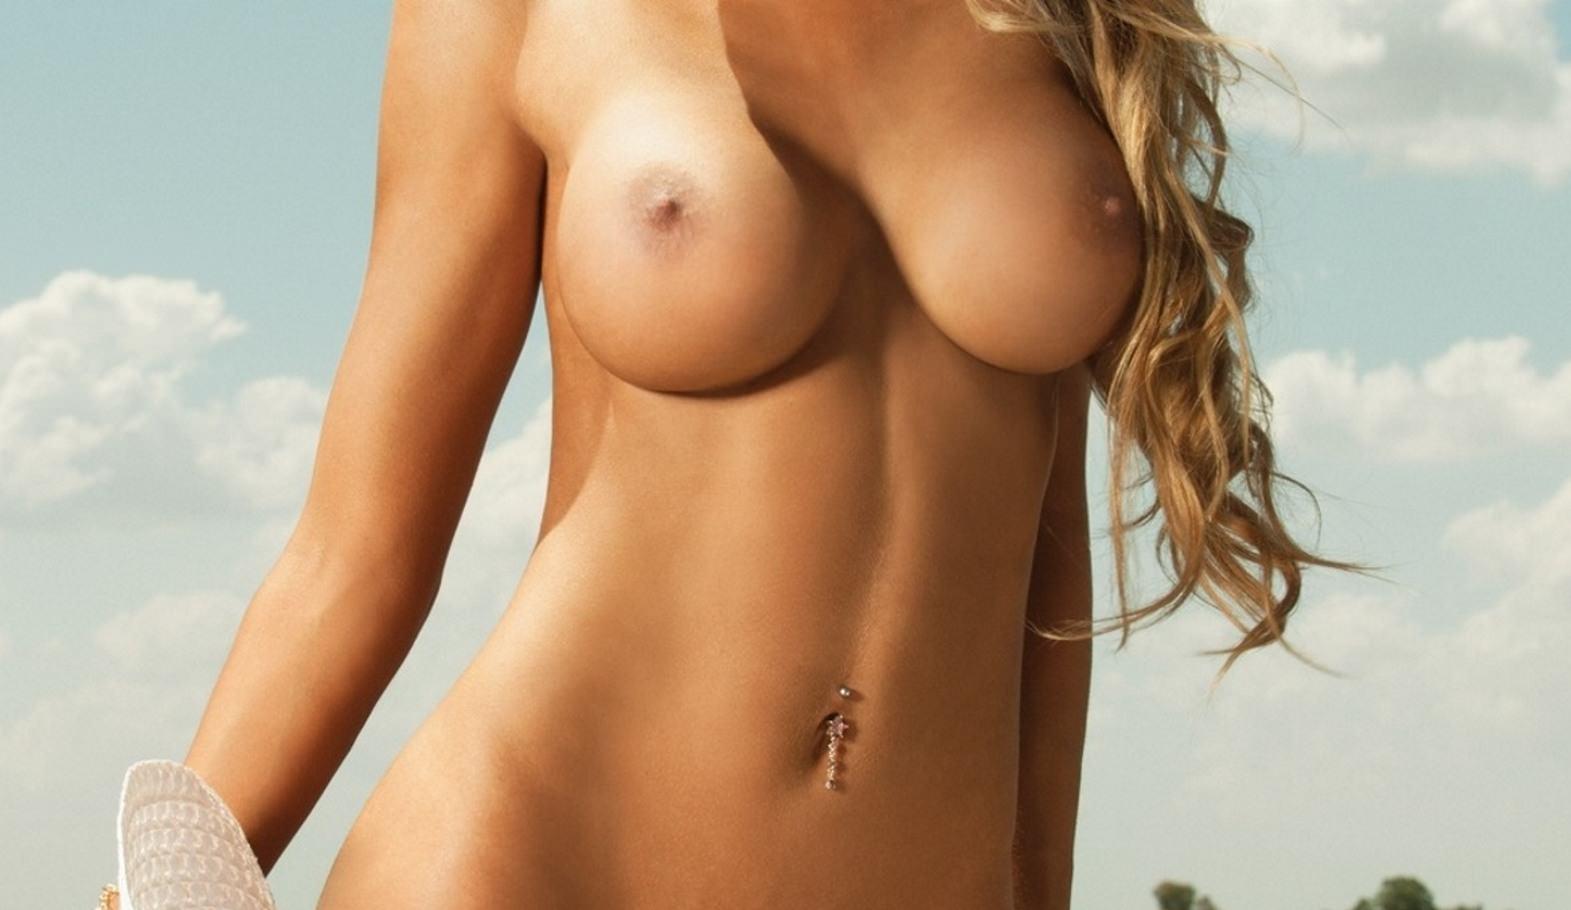 Фото Голая загорелая девушка, круглые сочные сиськи, пирсинг в пупке, облака, красивый животик, блондинка, скачать картинку бесплатно